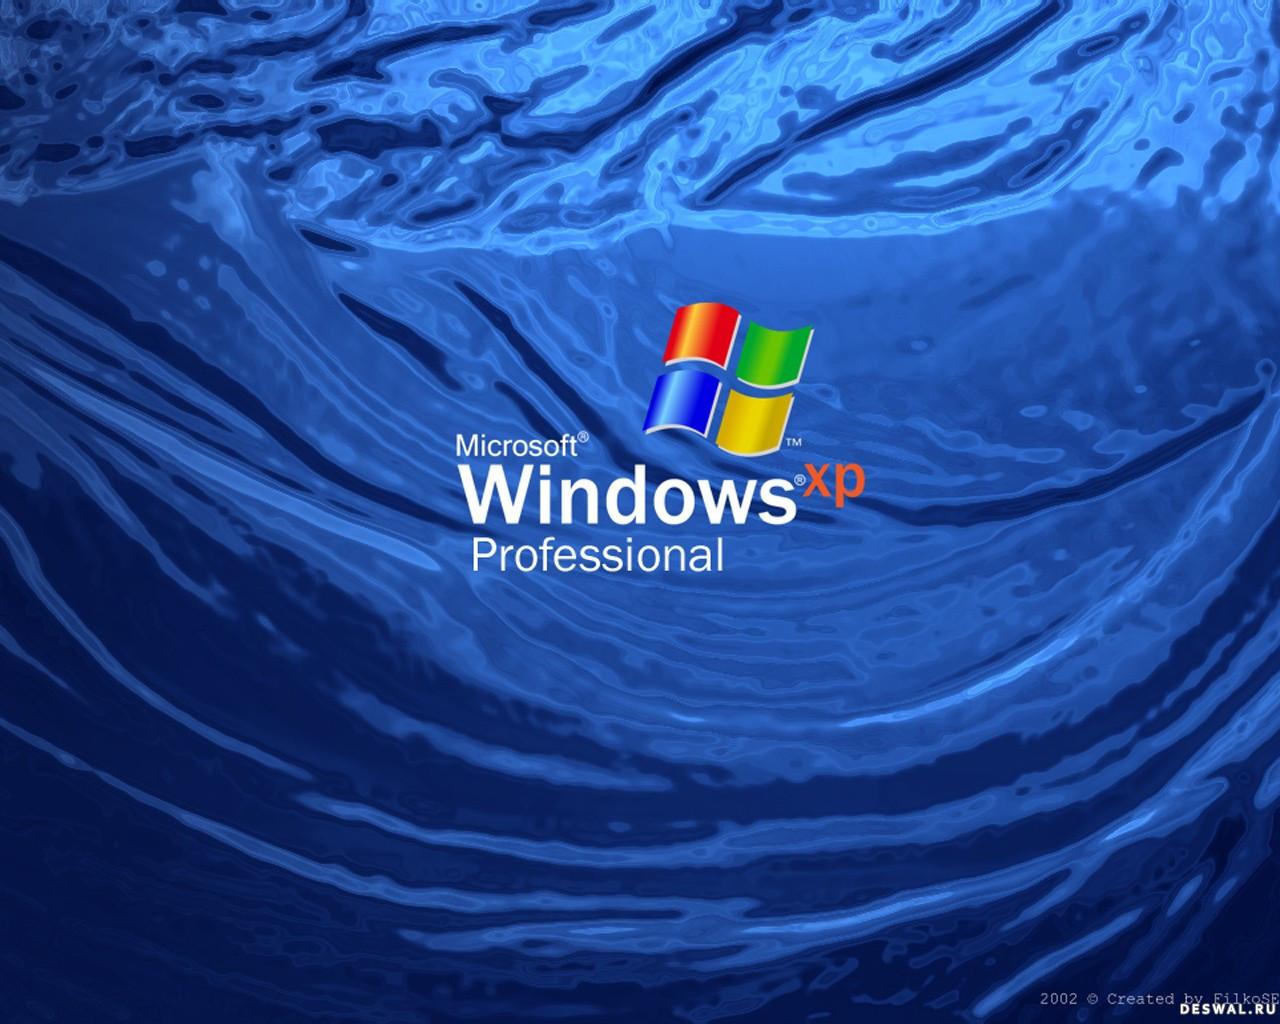 Фото 55. Нажмите на картинку с обоями windows, чтобы просмотреть ее в реальном размере